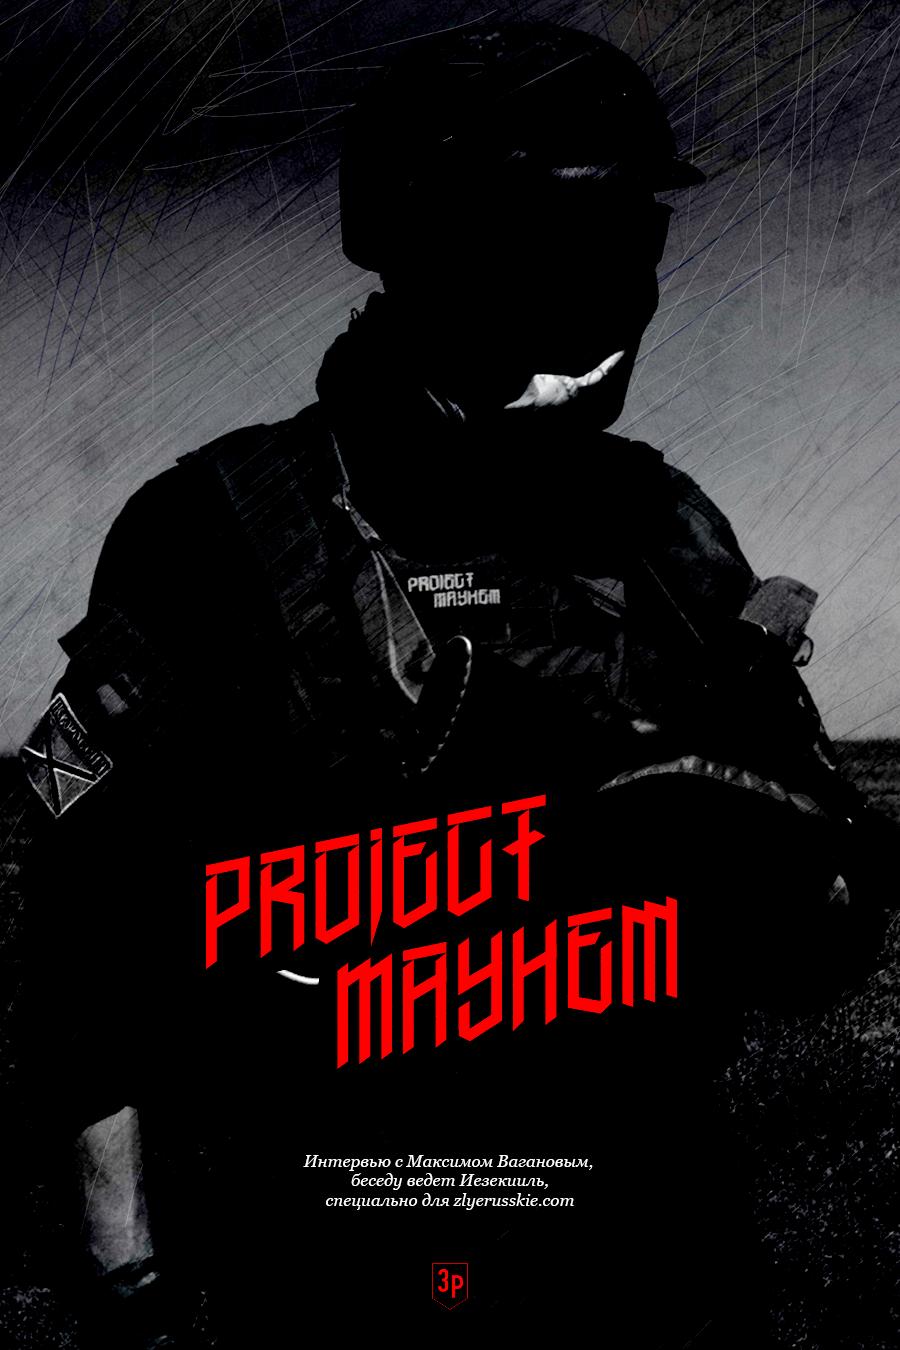 Интервью с Максимом Вагановым, командиром отряда «Project Mayhem».